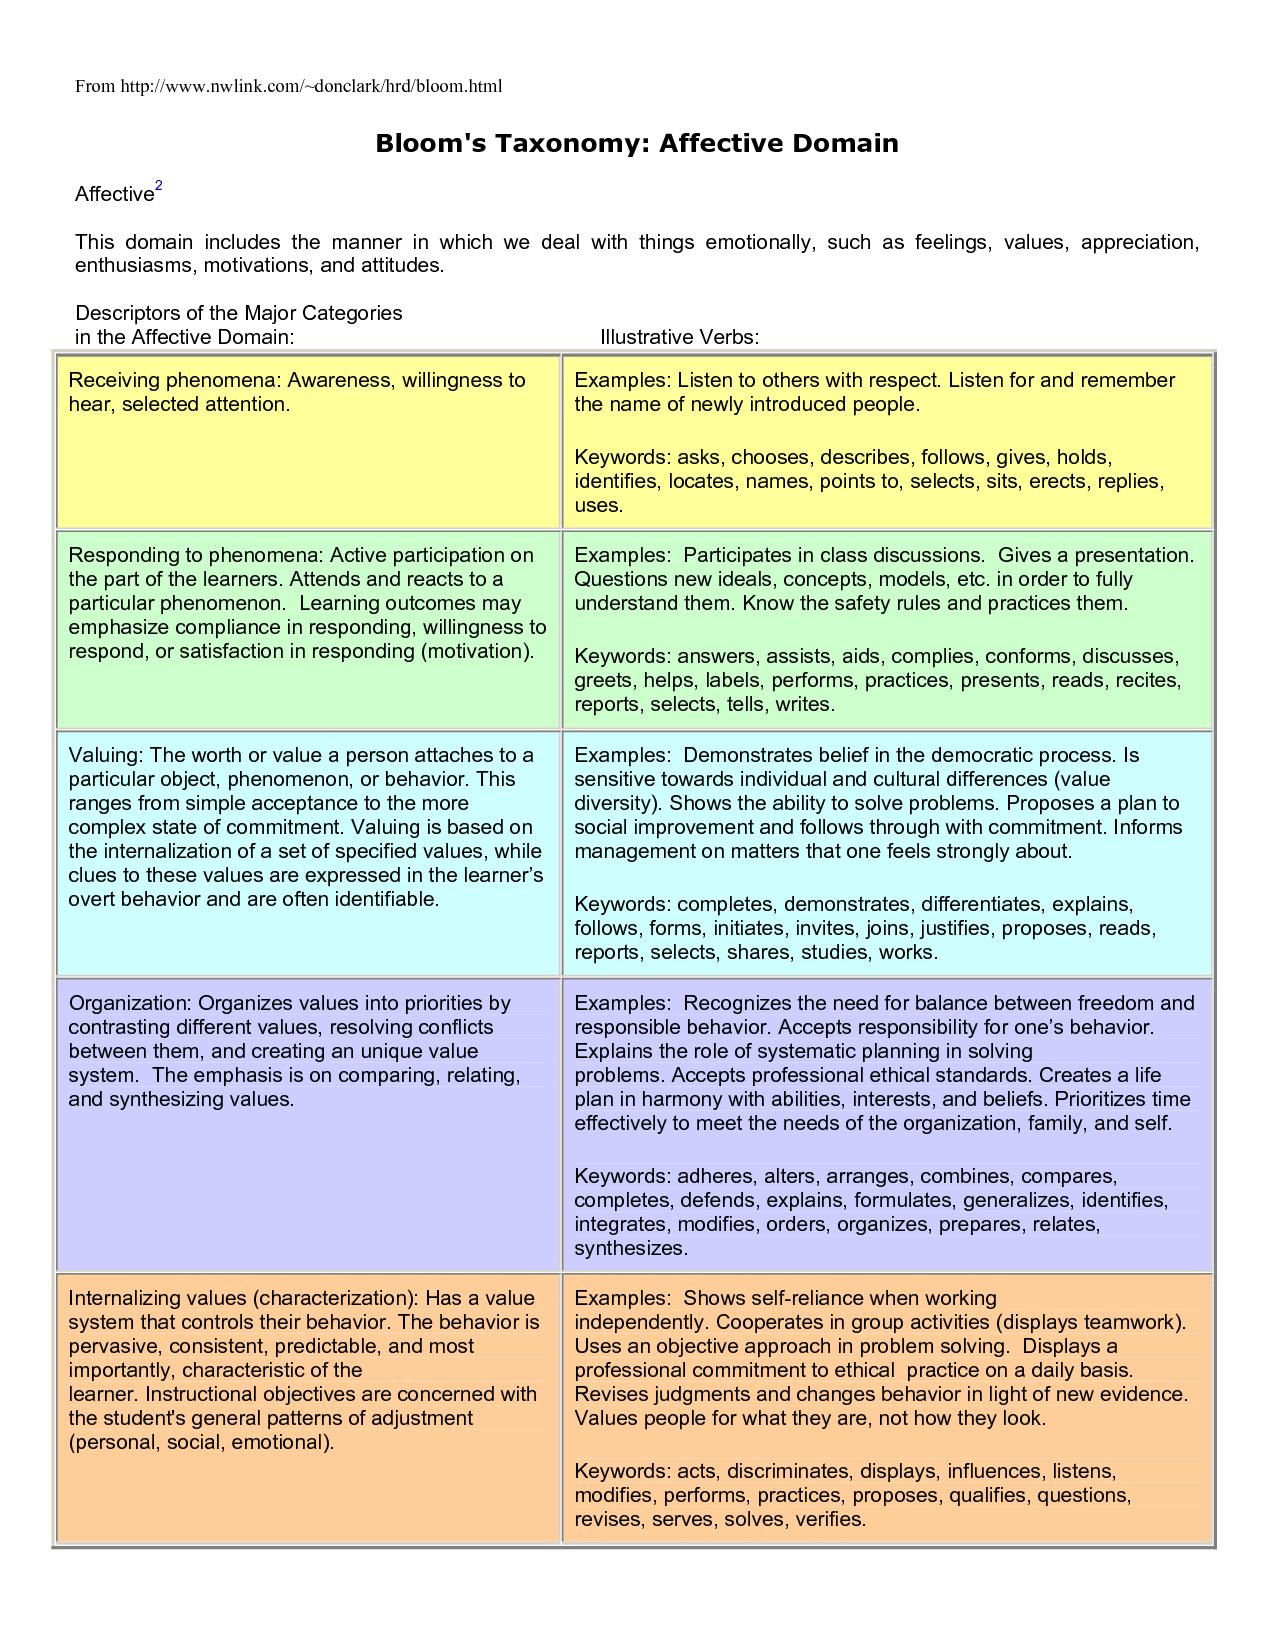 Affective domain lesson plan